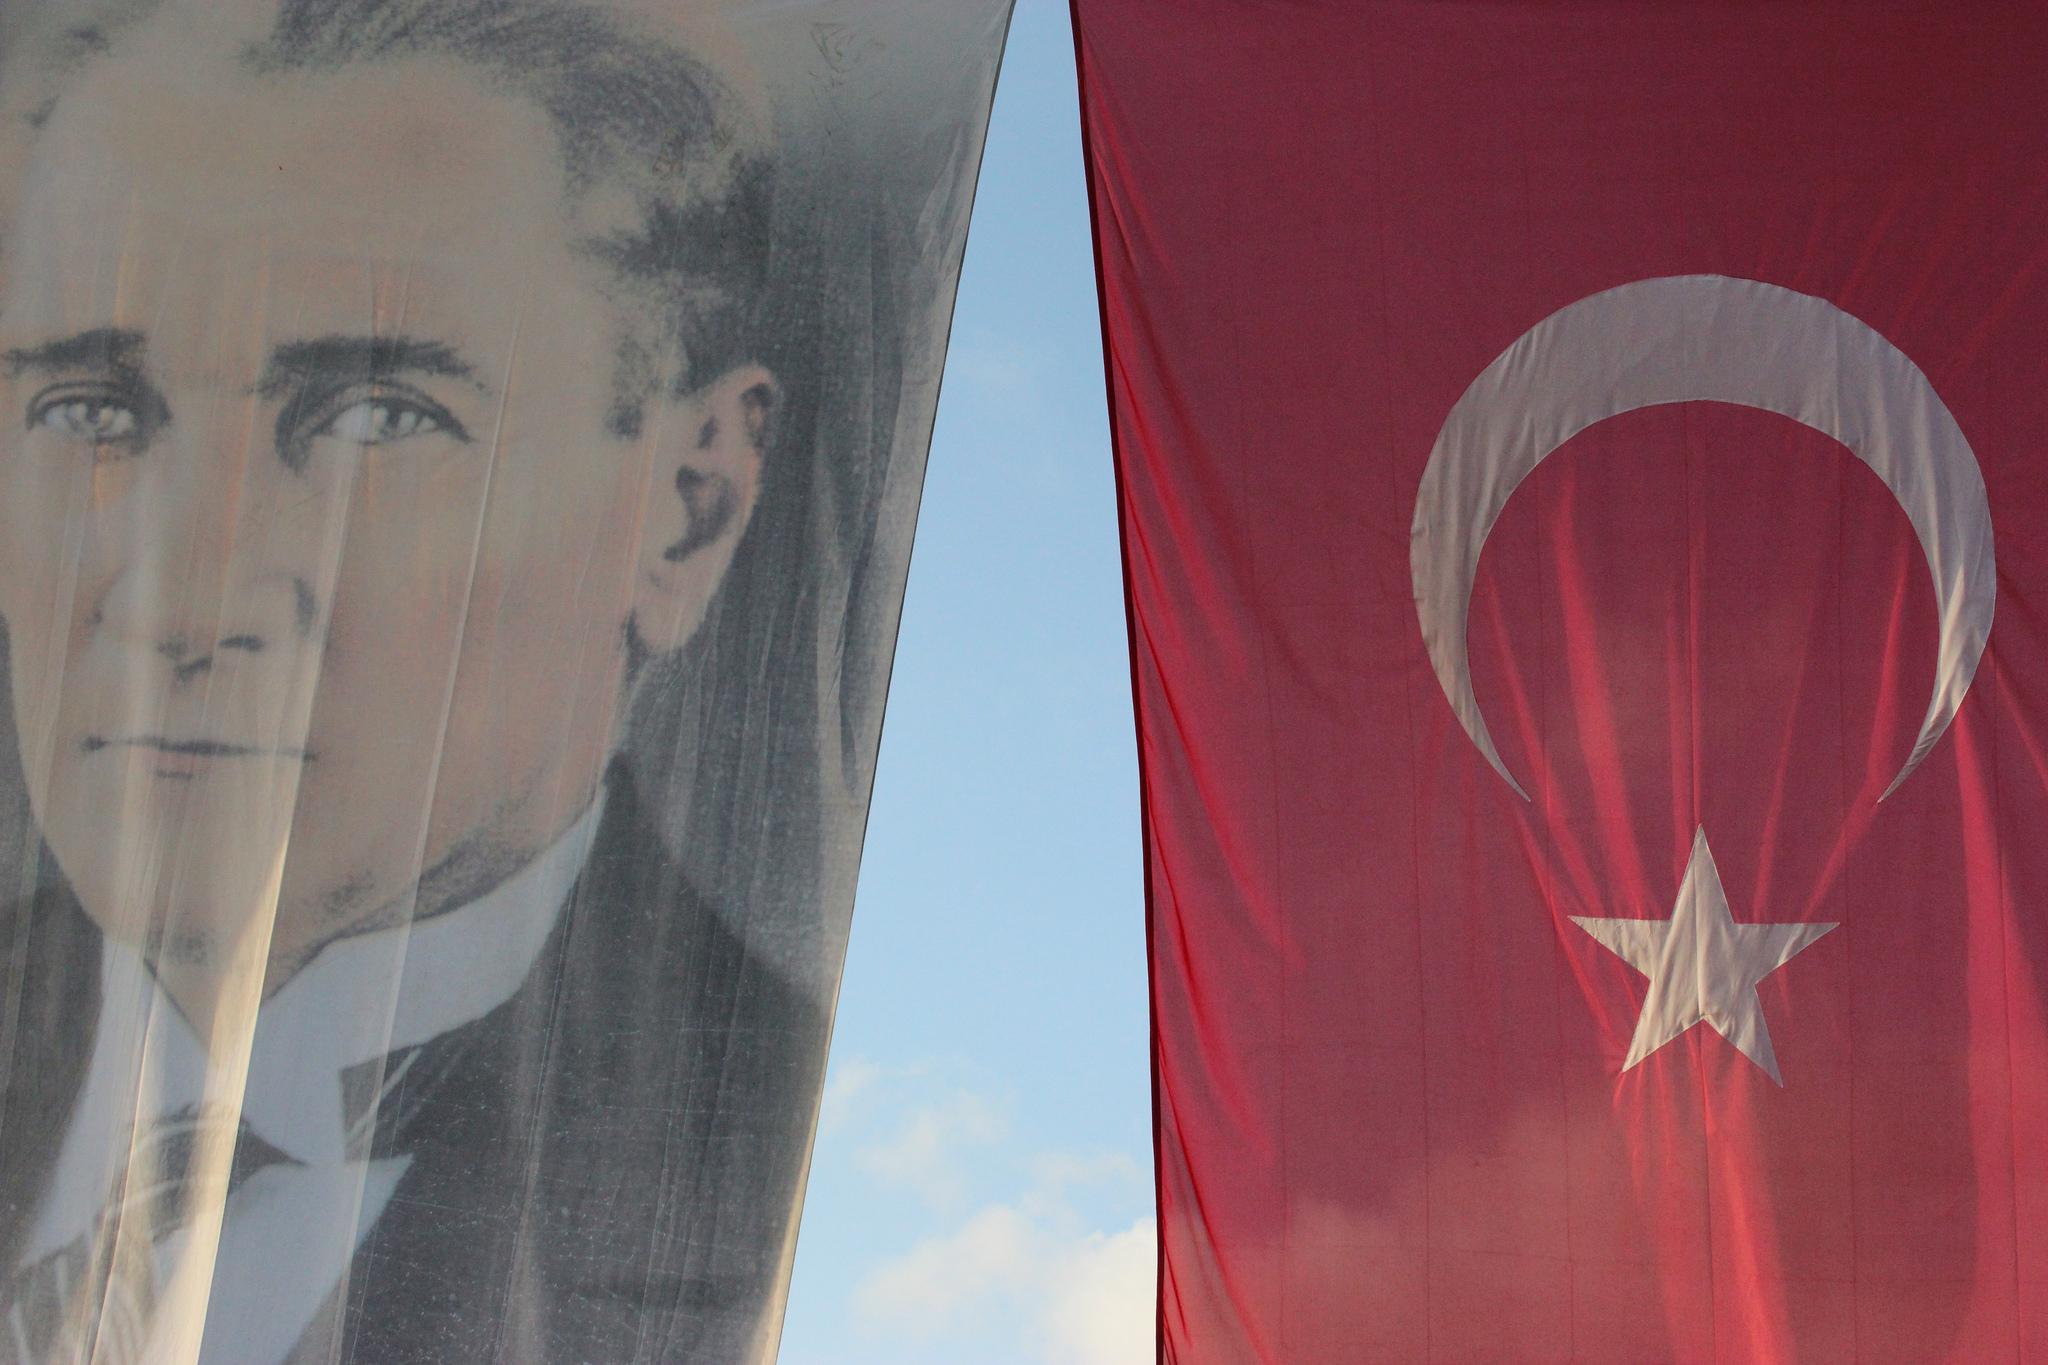 Προσφυγή της Deutsche Welle στην Τουρκική Δικαιοσύνη